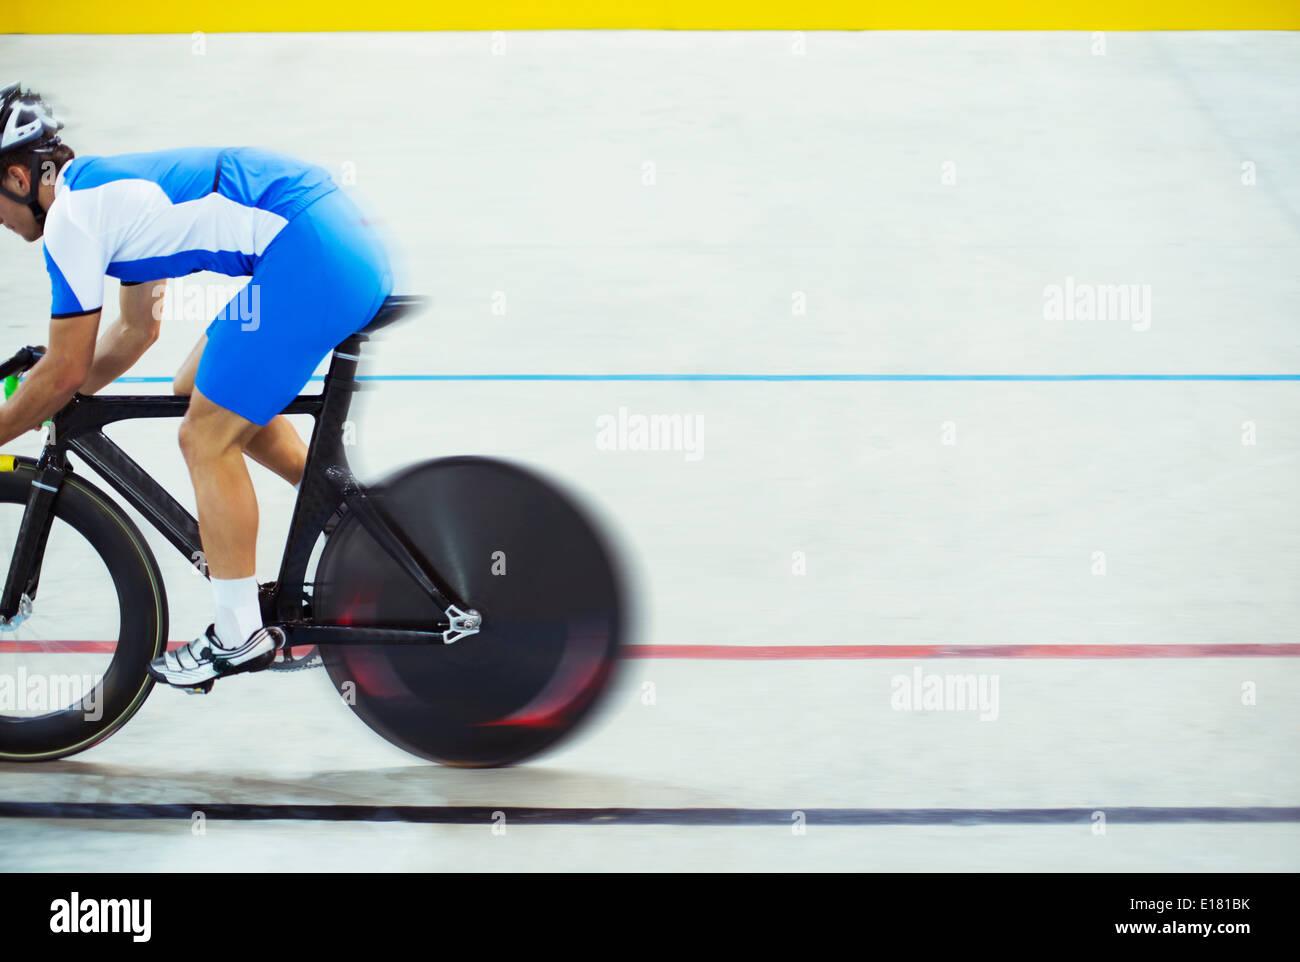 Vía ciclista en el velódromo de equitación Imagen De Stock